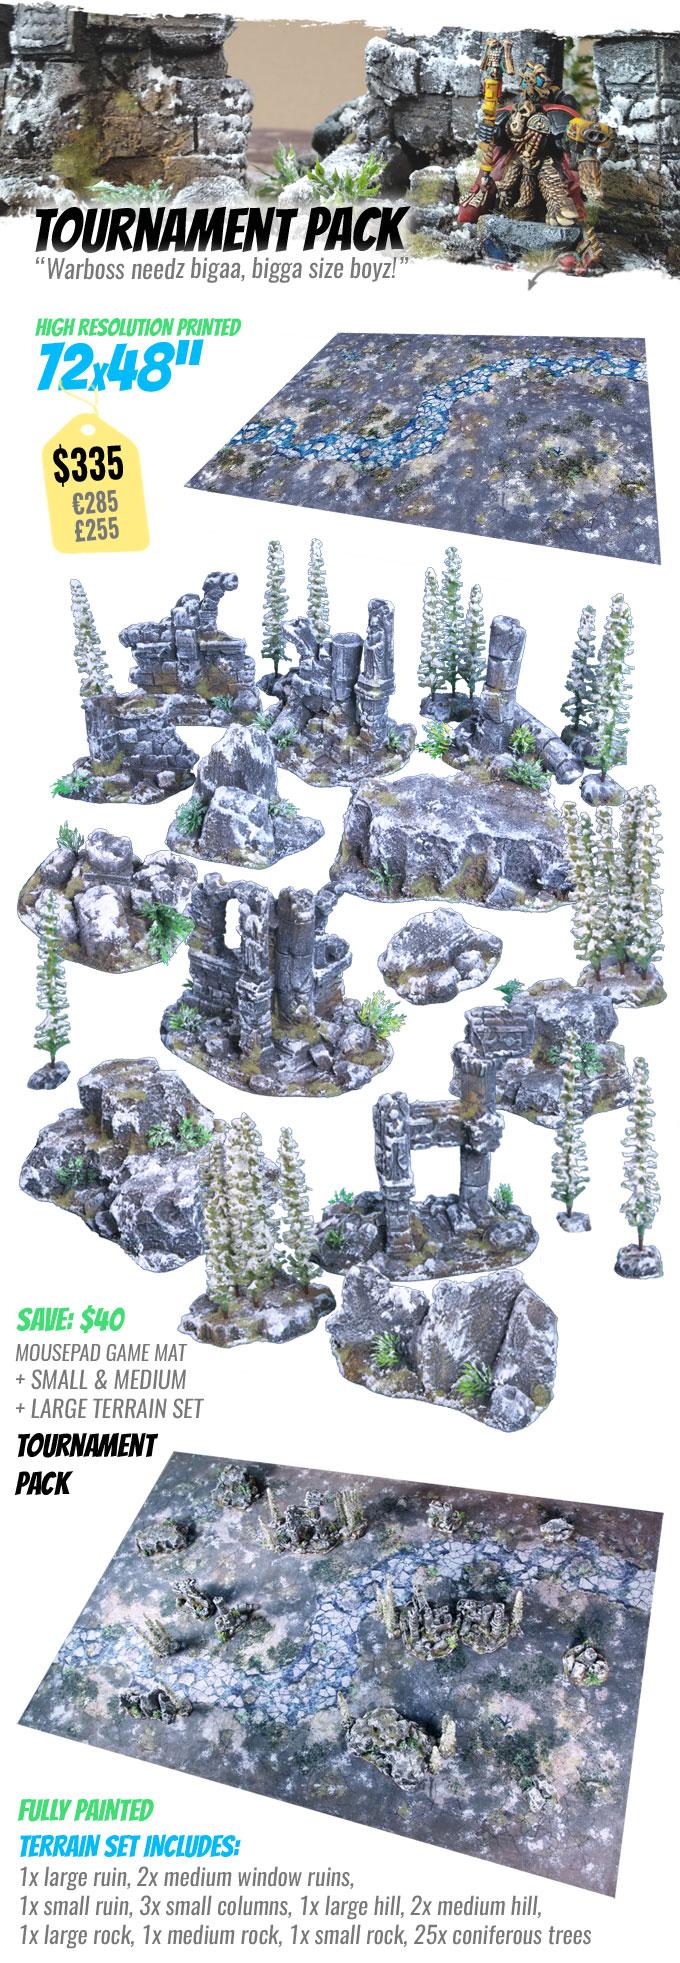 TOURNAMENT PACK: StudioLevel GÅRDBÛK Shrine Terrain